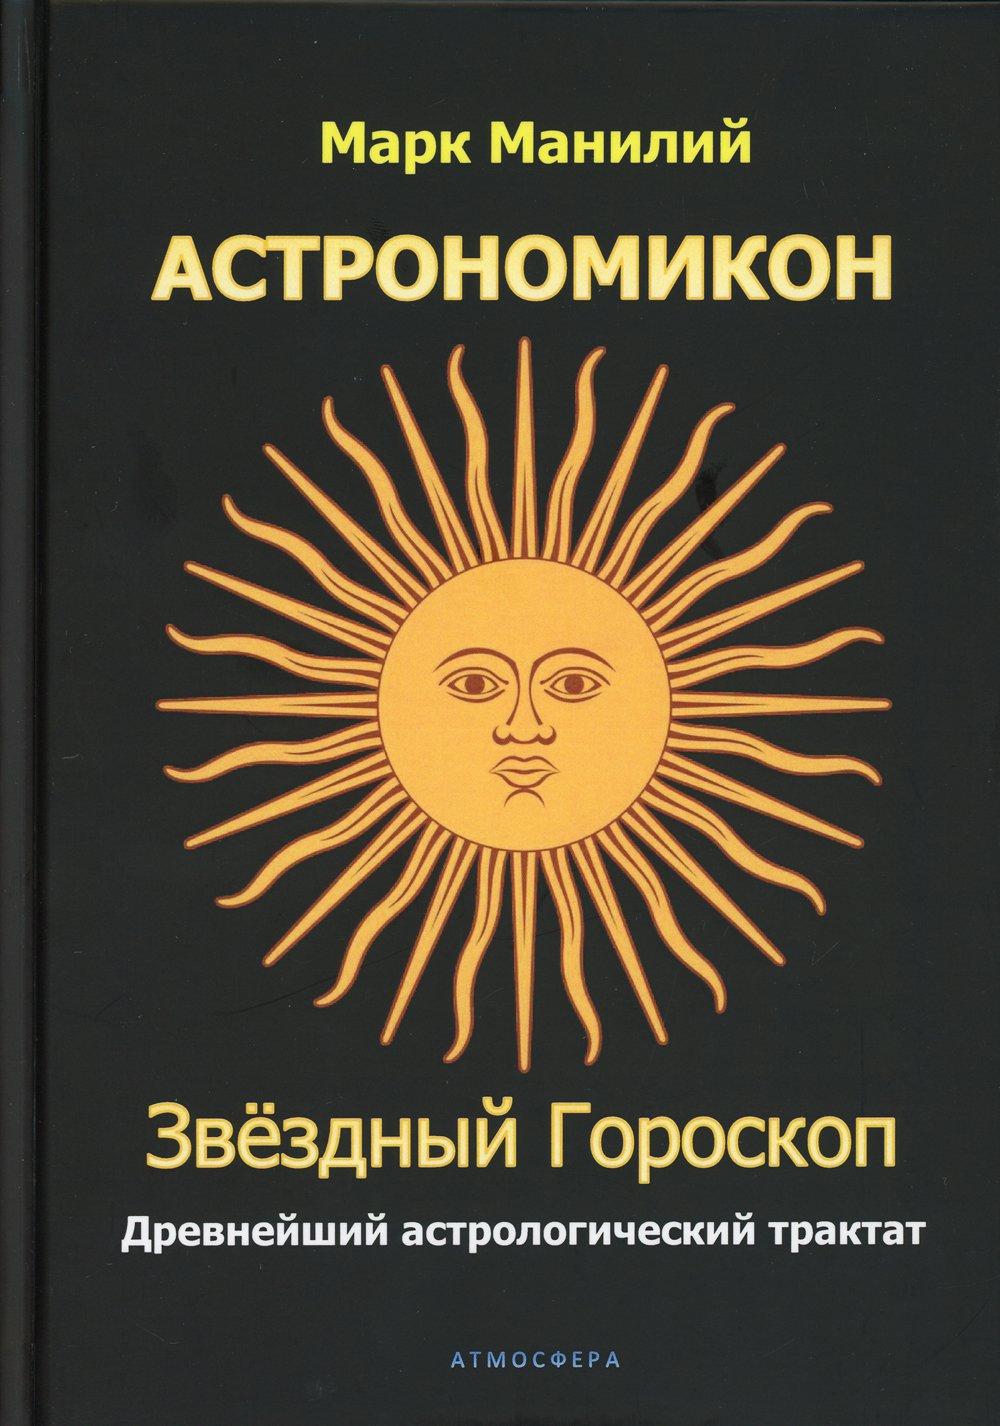 Астрономикон. Звездный гороскоп